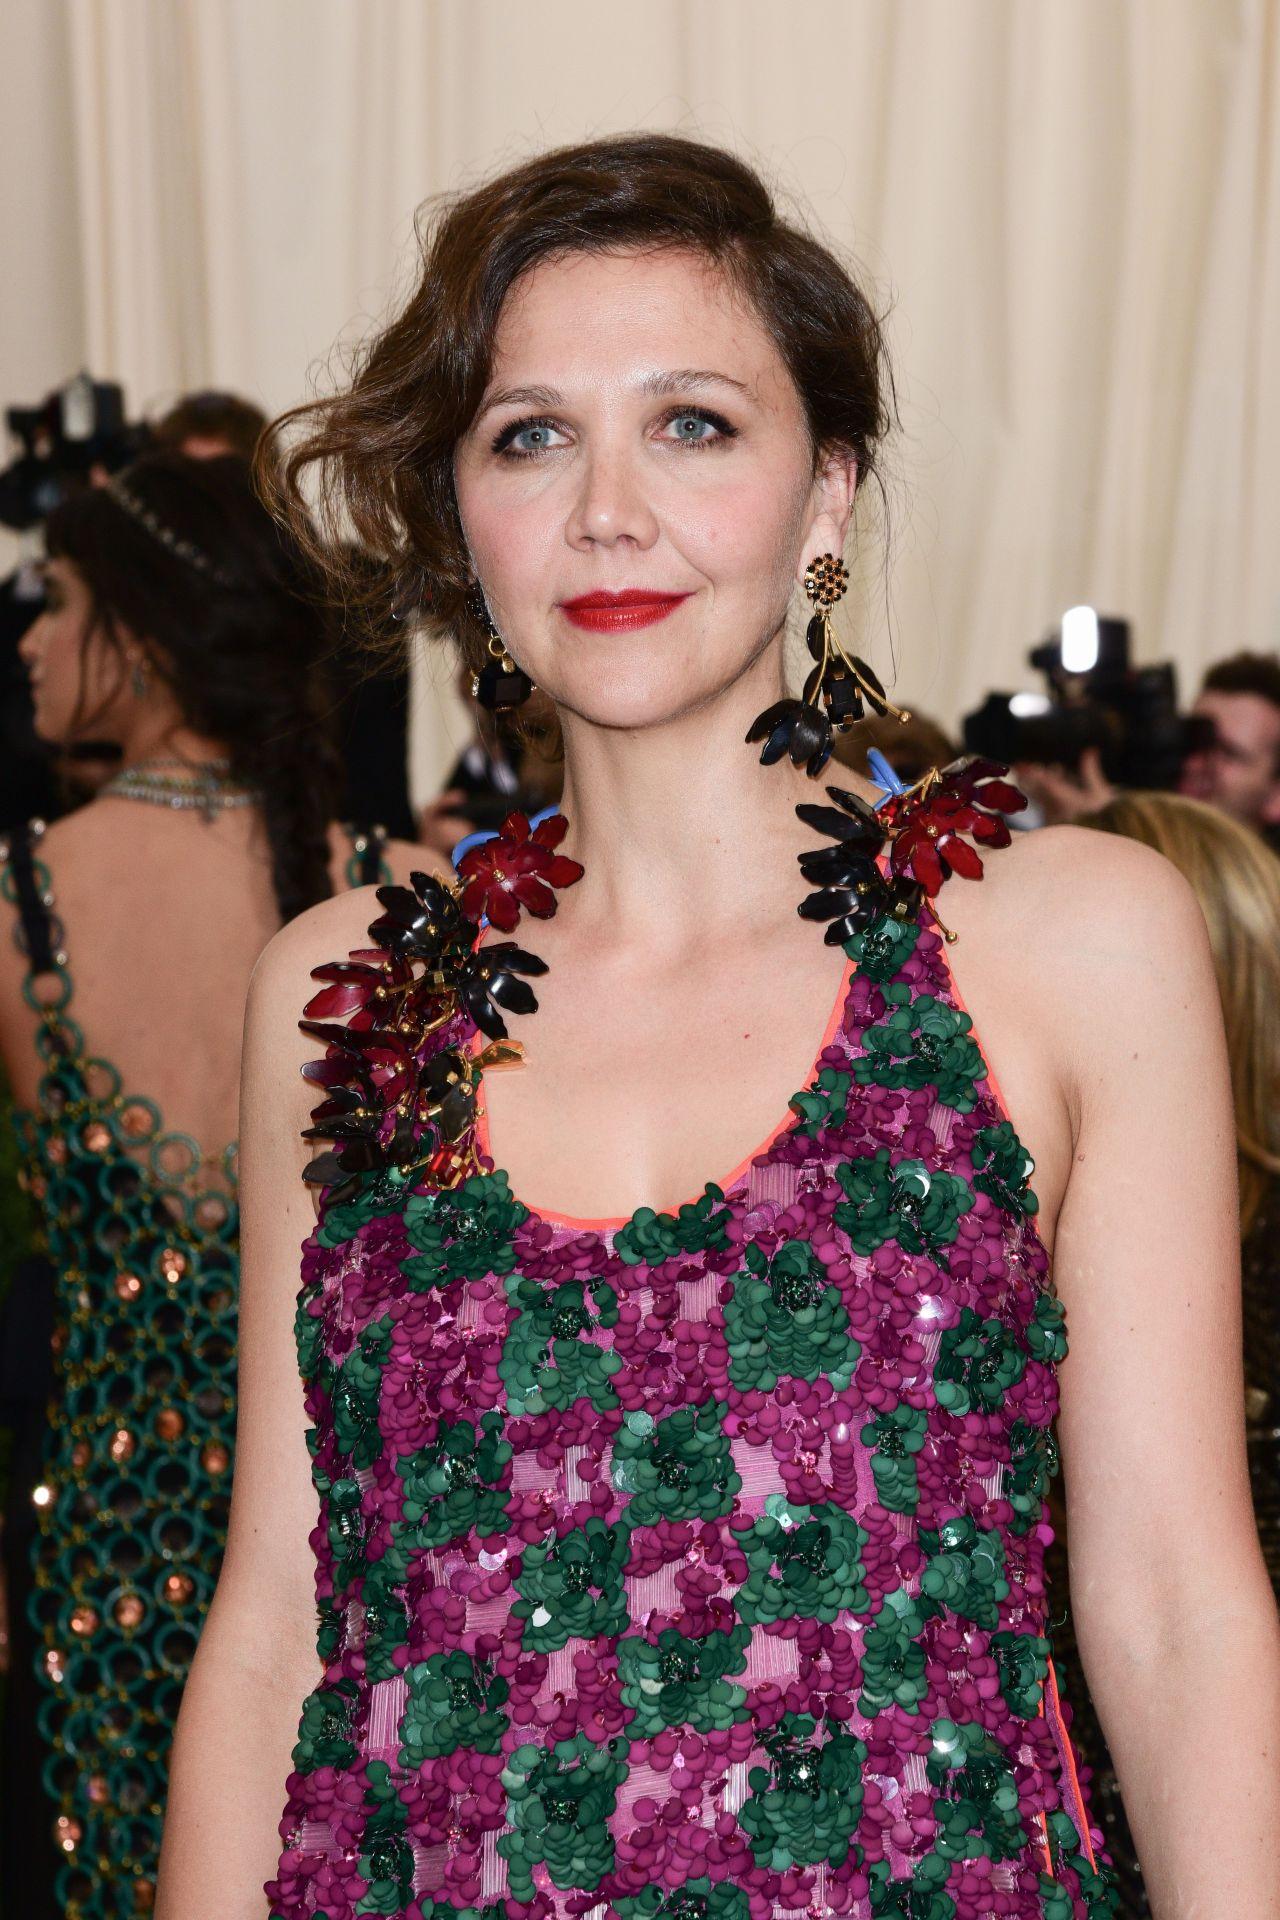 Maggie Gyllenhaal at MET Gala in New York 05/01/2017 Maggie Gyllenhaal